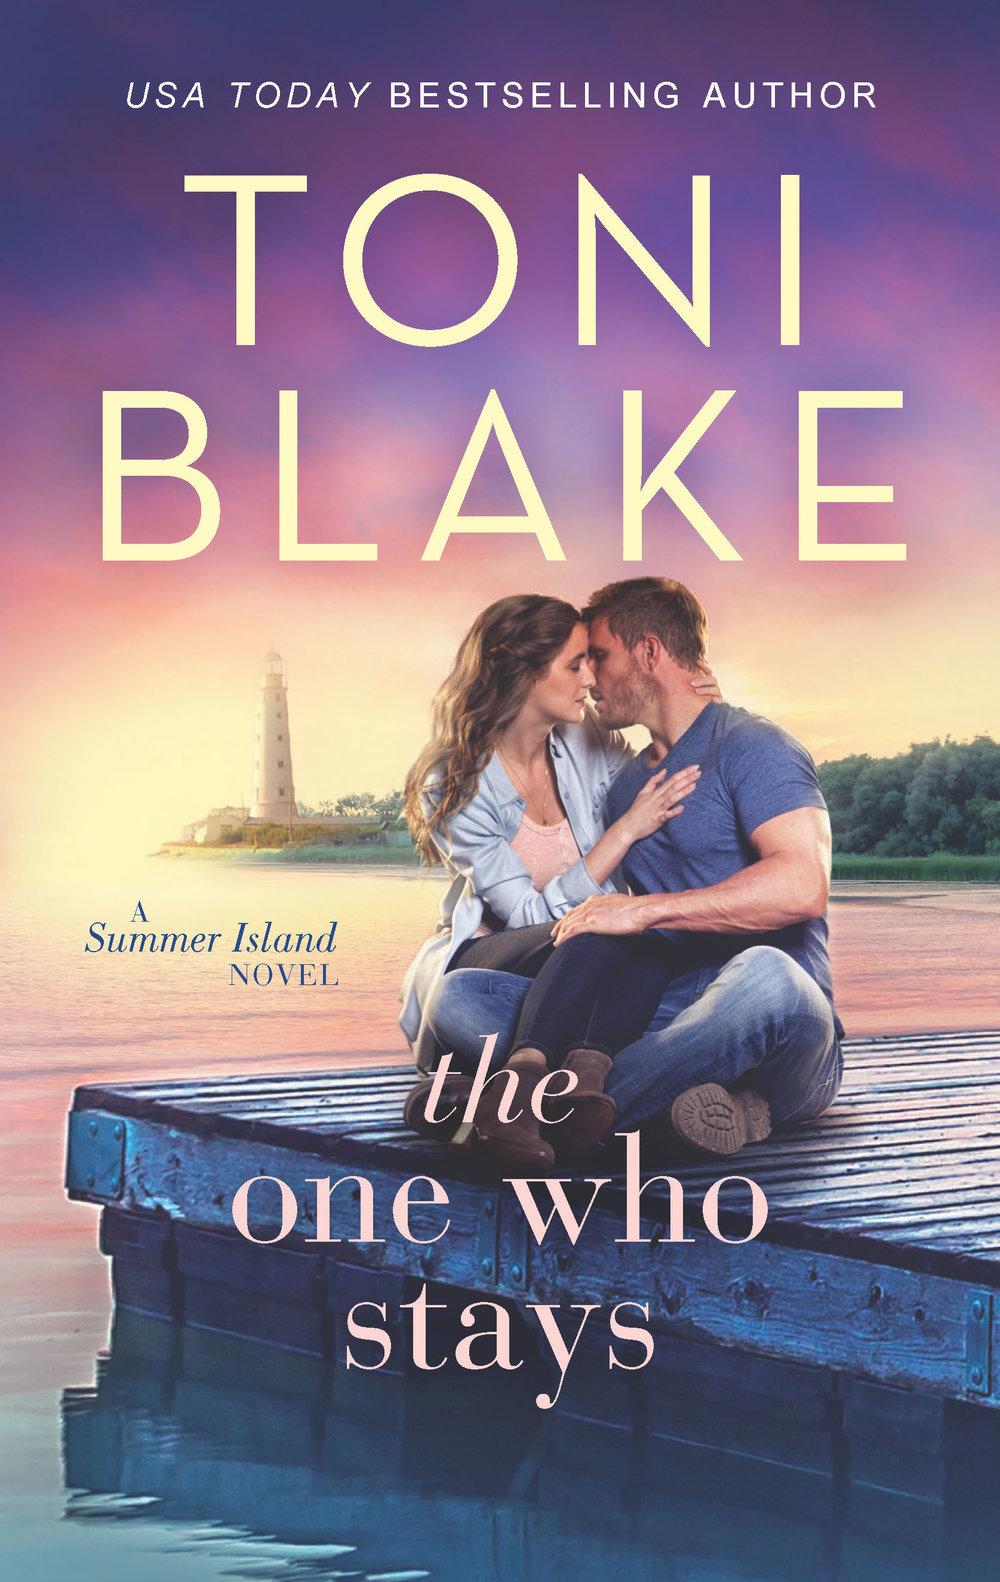 A Summer Island novel, book 1